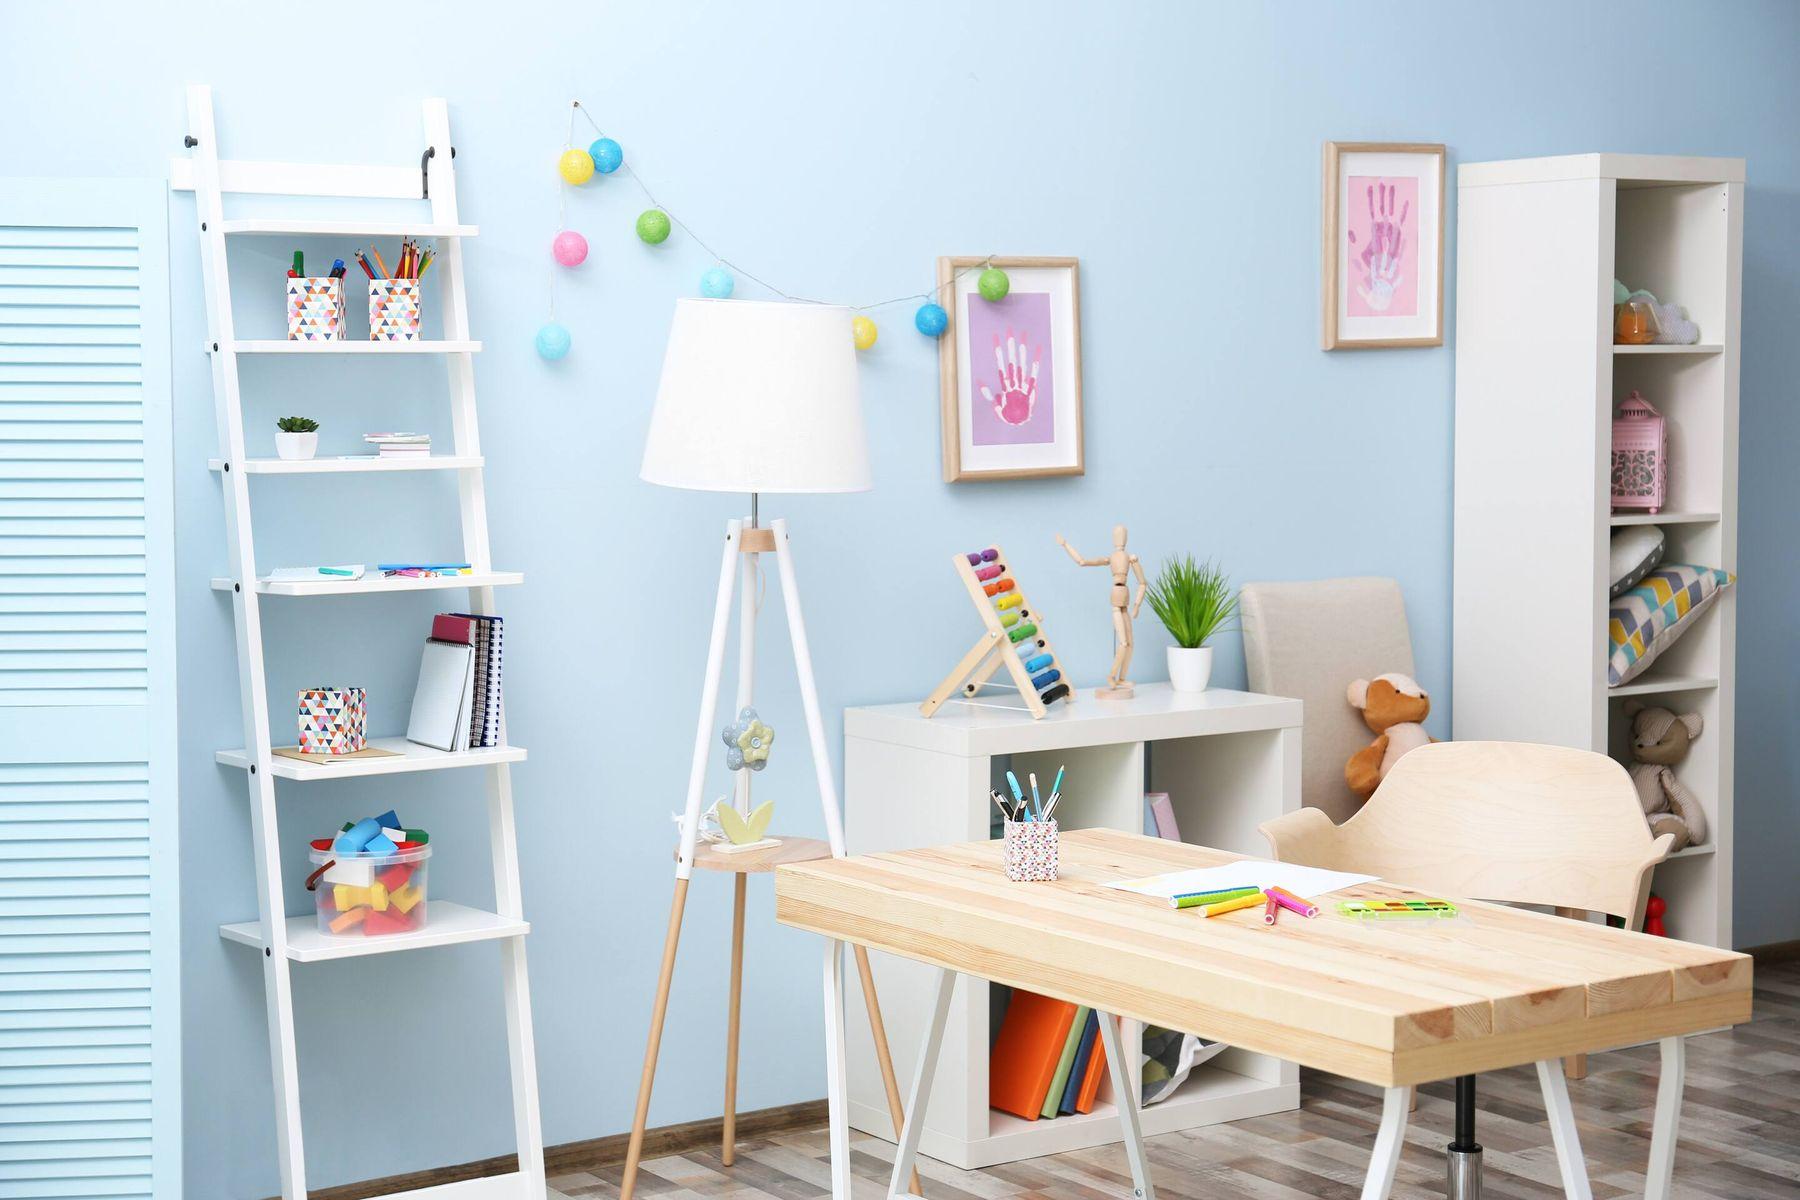 अपने बच्चों के लिए स्टडी टेबल बनाने के लिए किन बातों का ख़्याल रखें | गेट सेट क्लीन